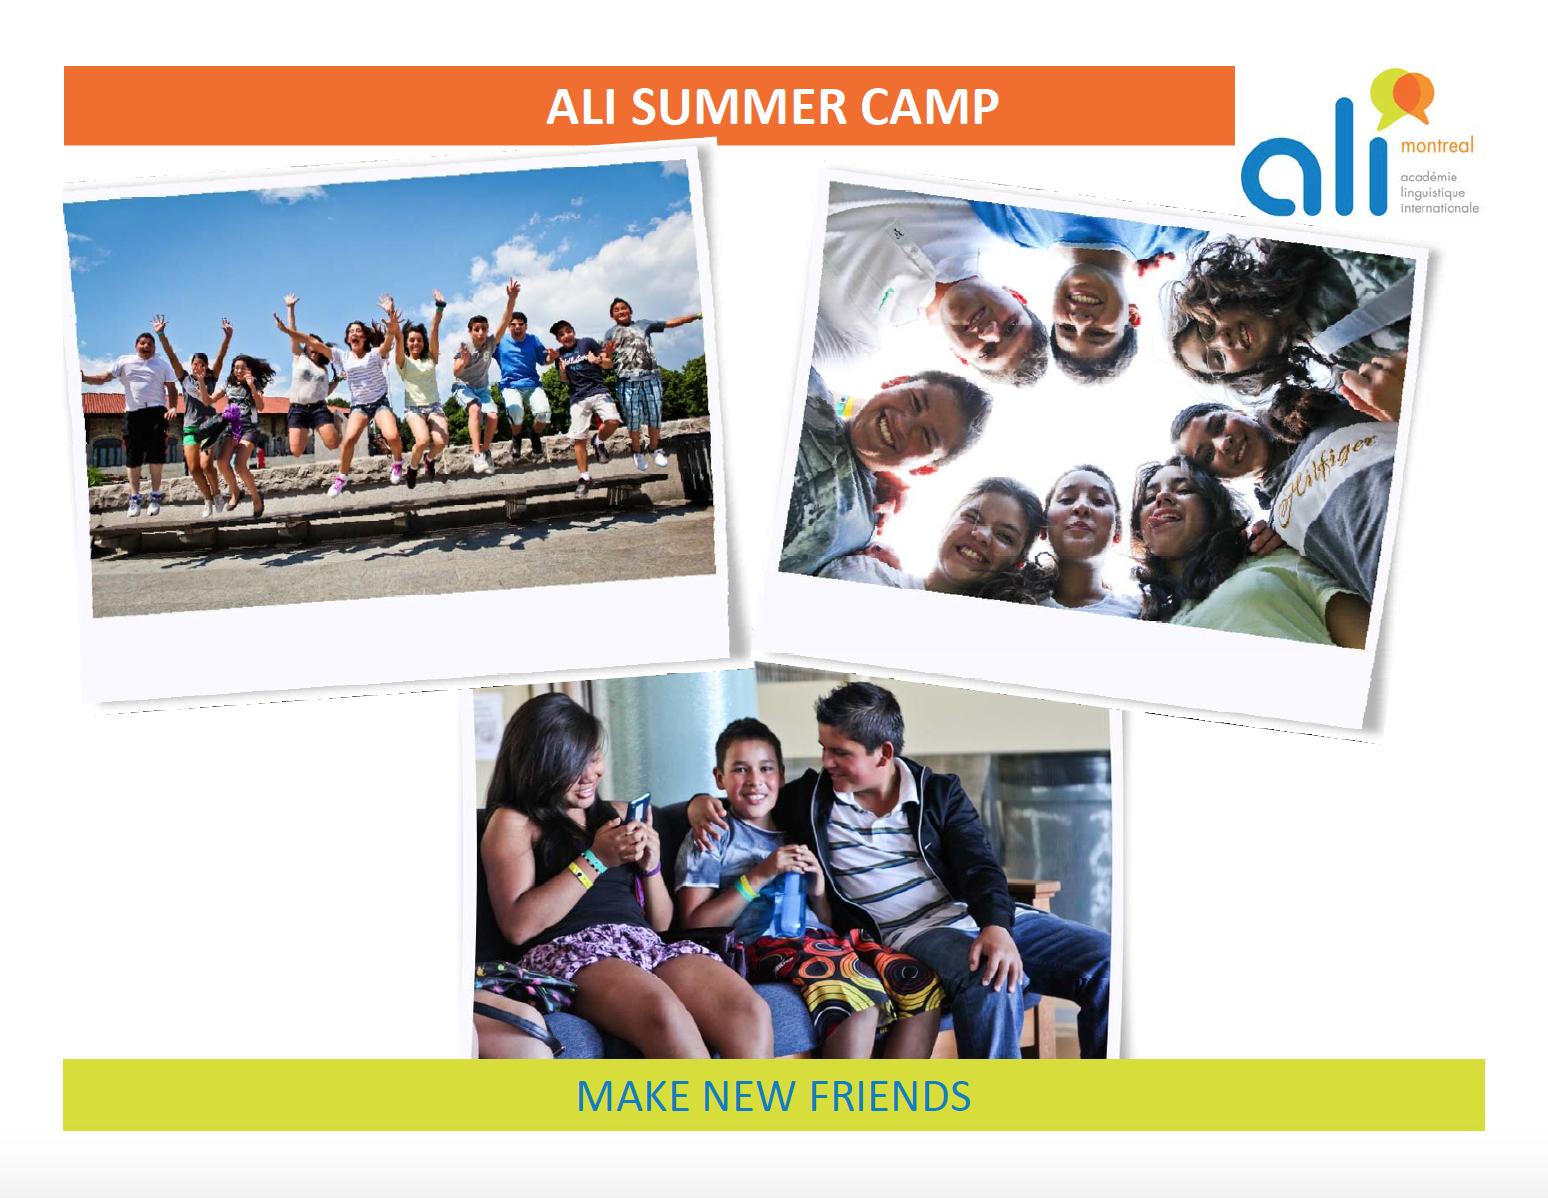 Screenshot 2015-11-15 20.48.57  Summer Camp: Programa de Verão com Inglês em Montreal, Canadá Screenshot 2015 11 15 20